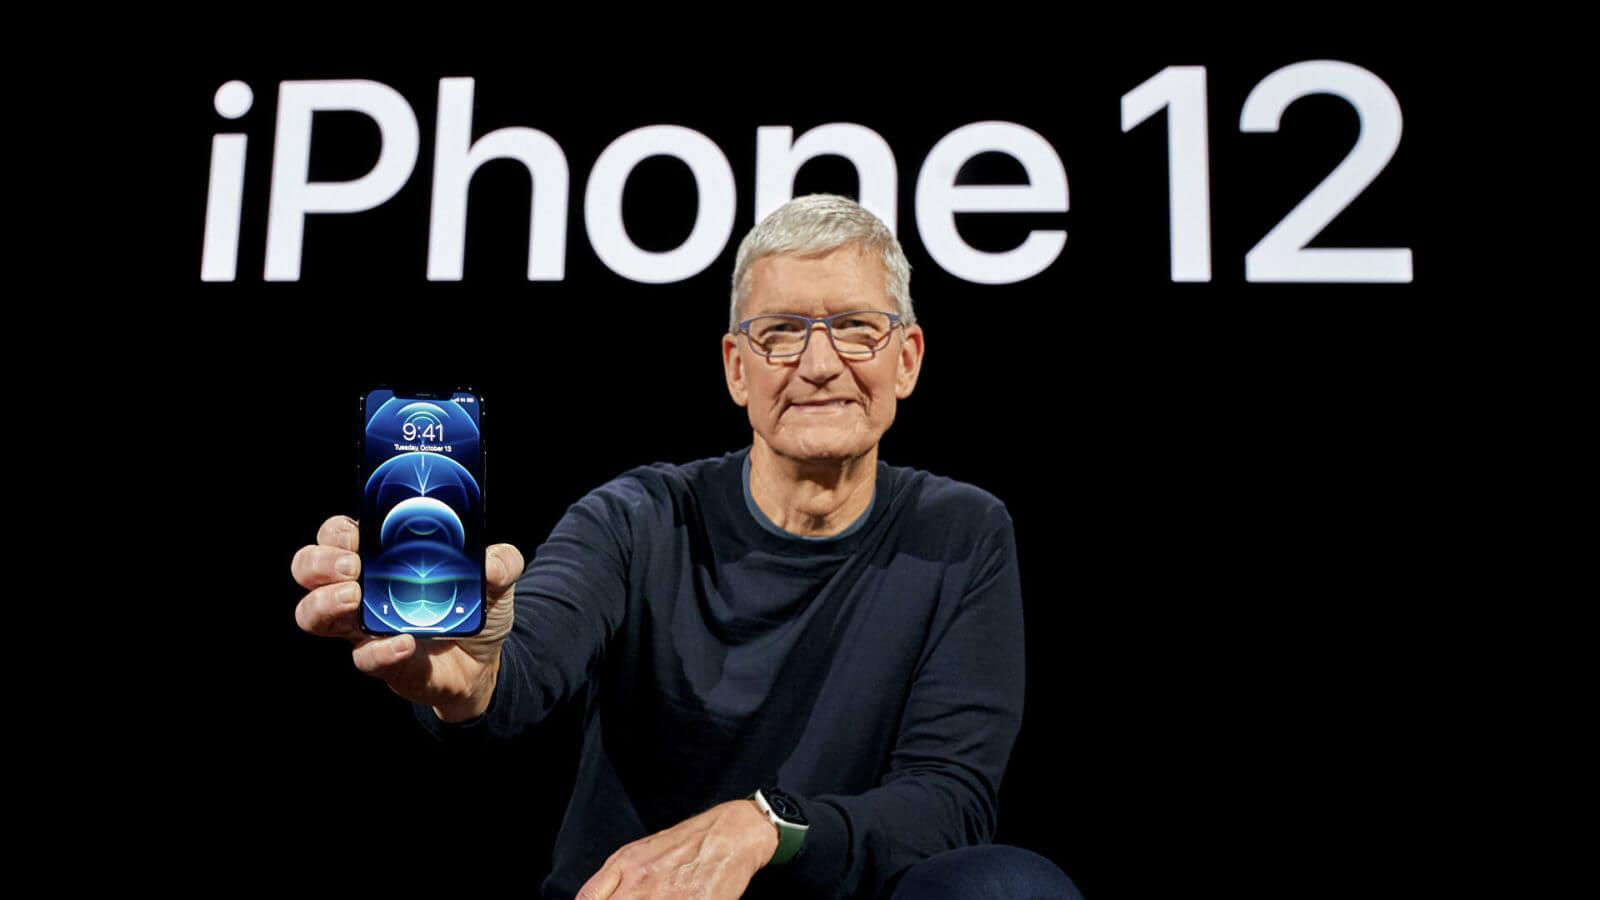 Чья автономность выше: iPhone 11 Pro или iPhone 12 Pro